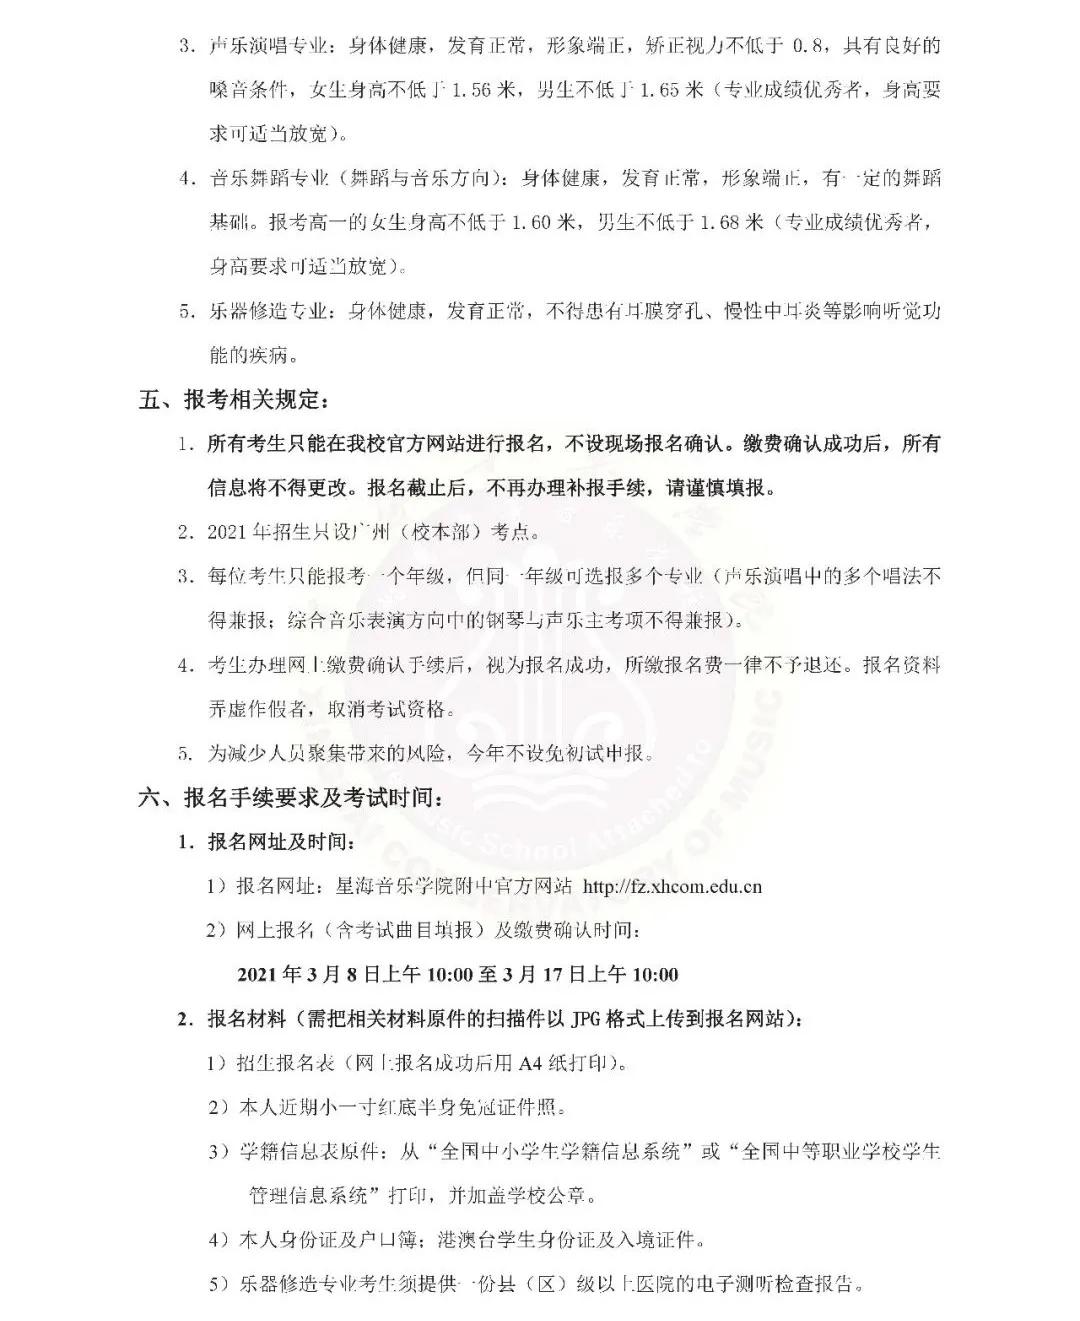 星海音乐学院附中2021年招生简章